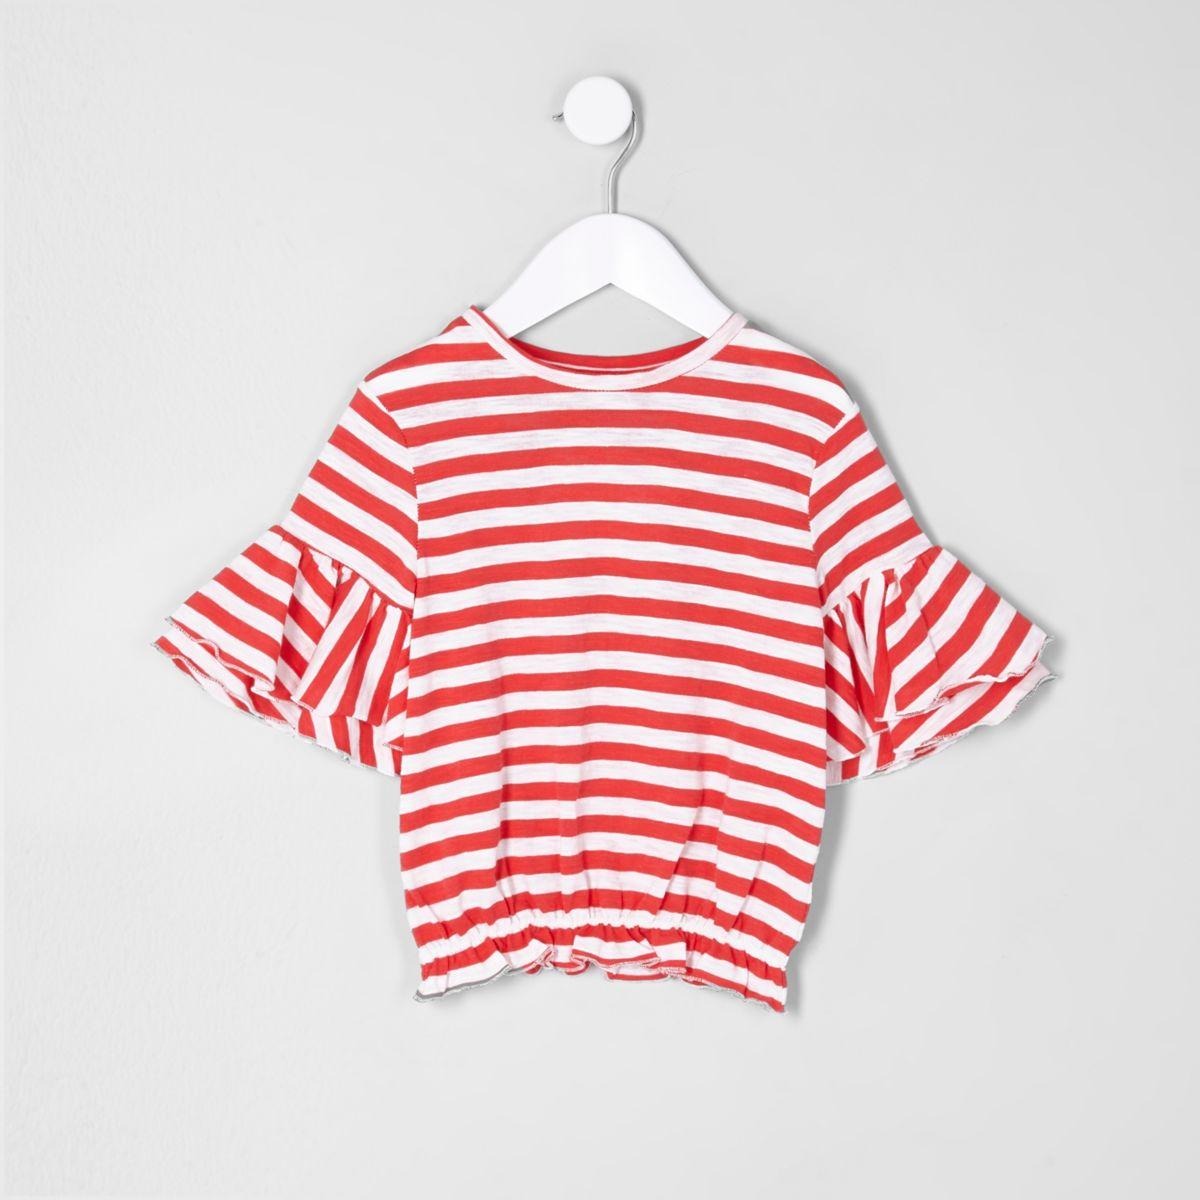 Rotes, gestreiftes T-Shirt mit Rüschen